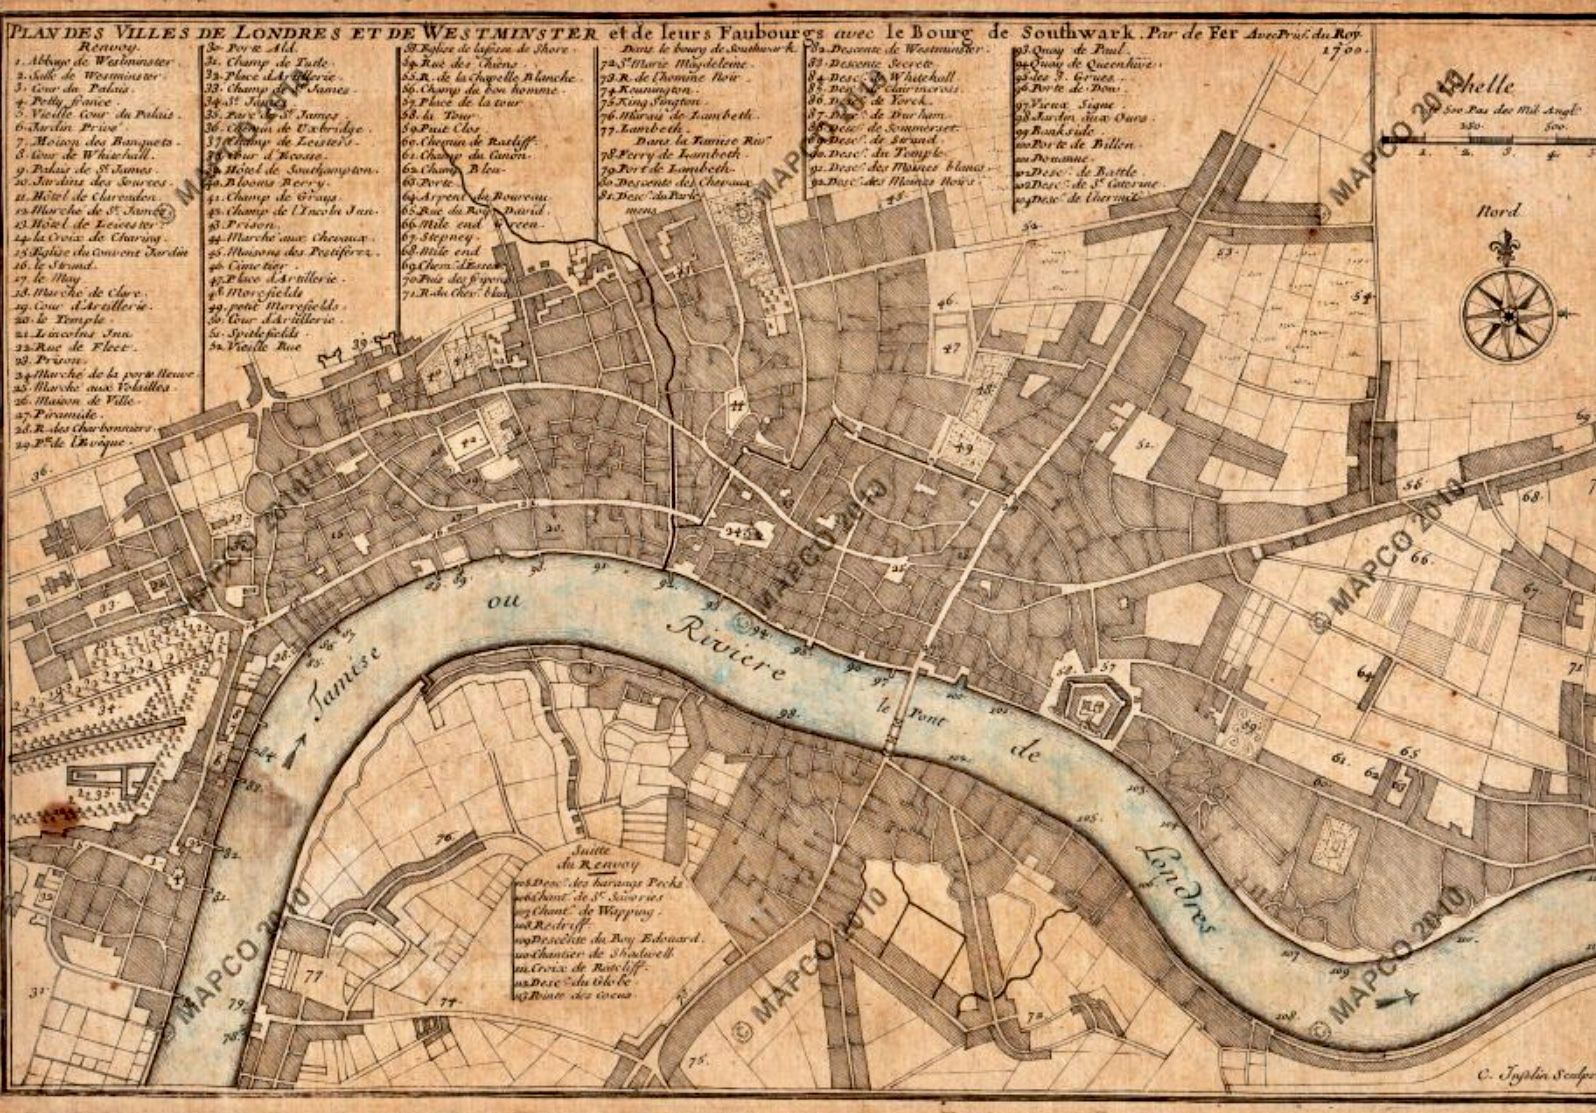 Nicholas de fer Reproduktion ANTIK Alte Karte Plan Westminster London England